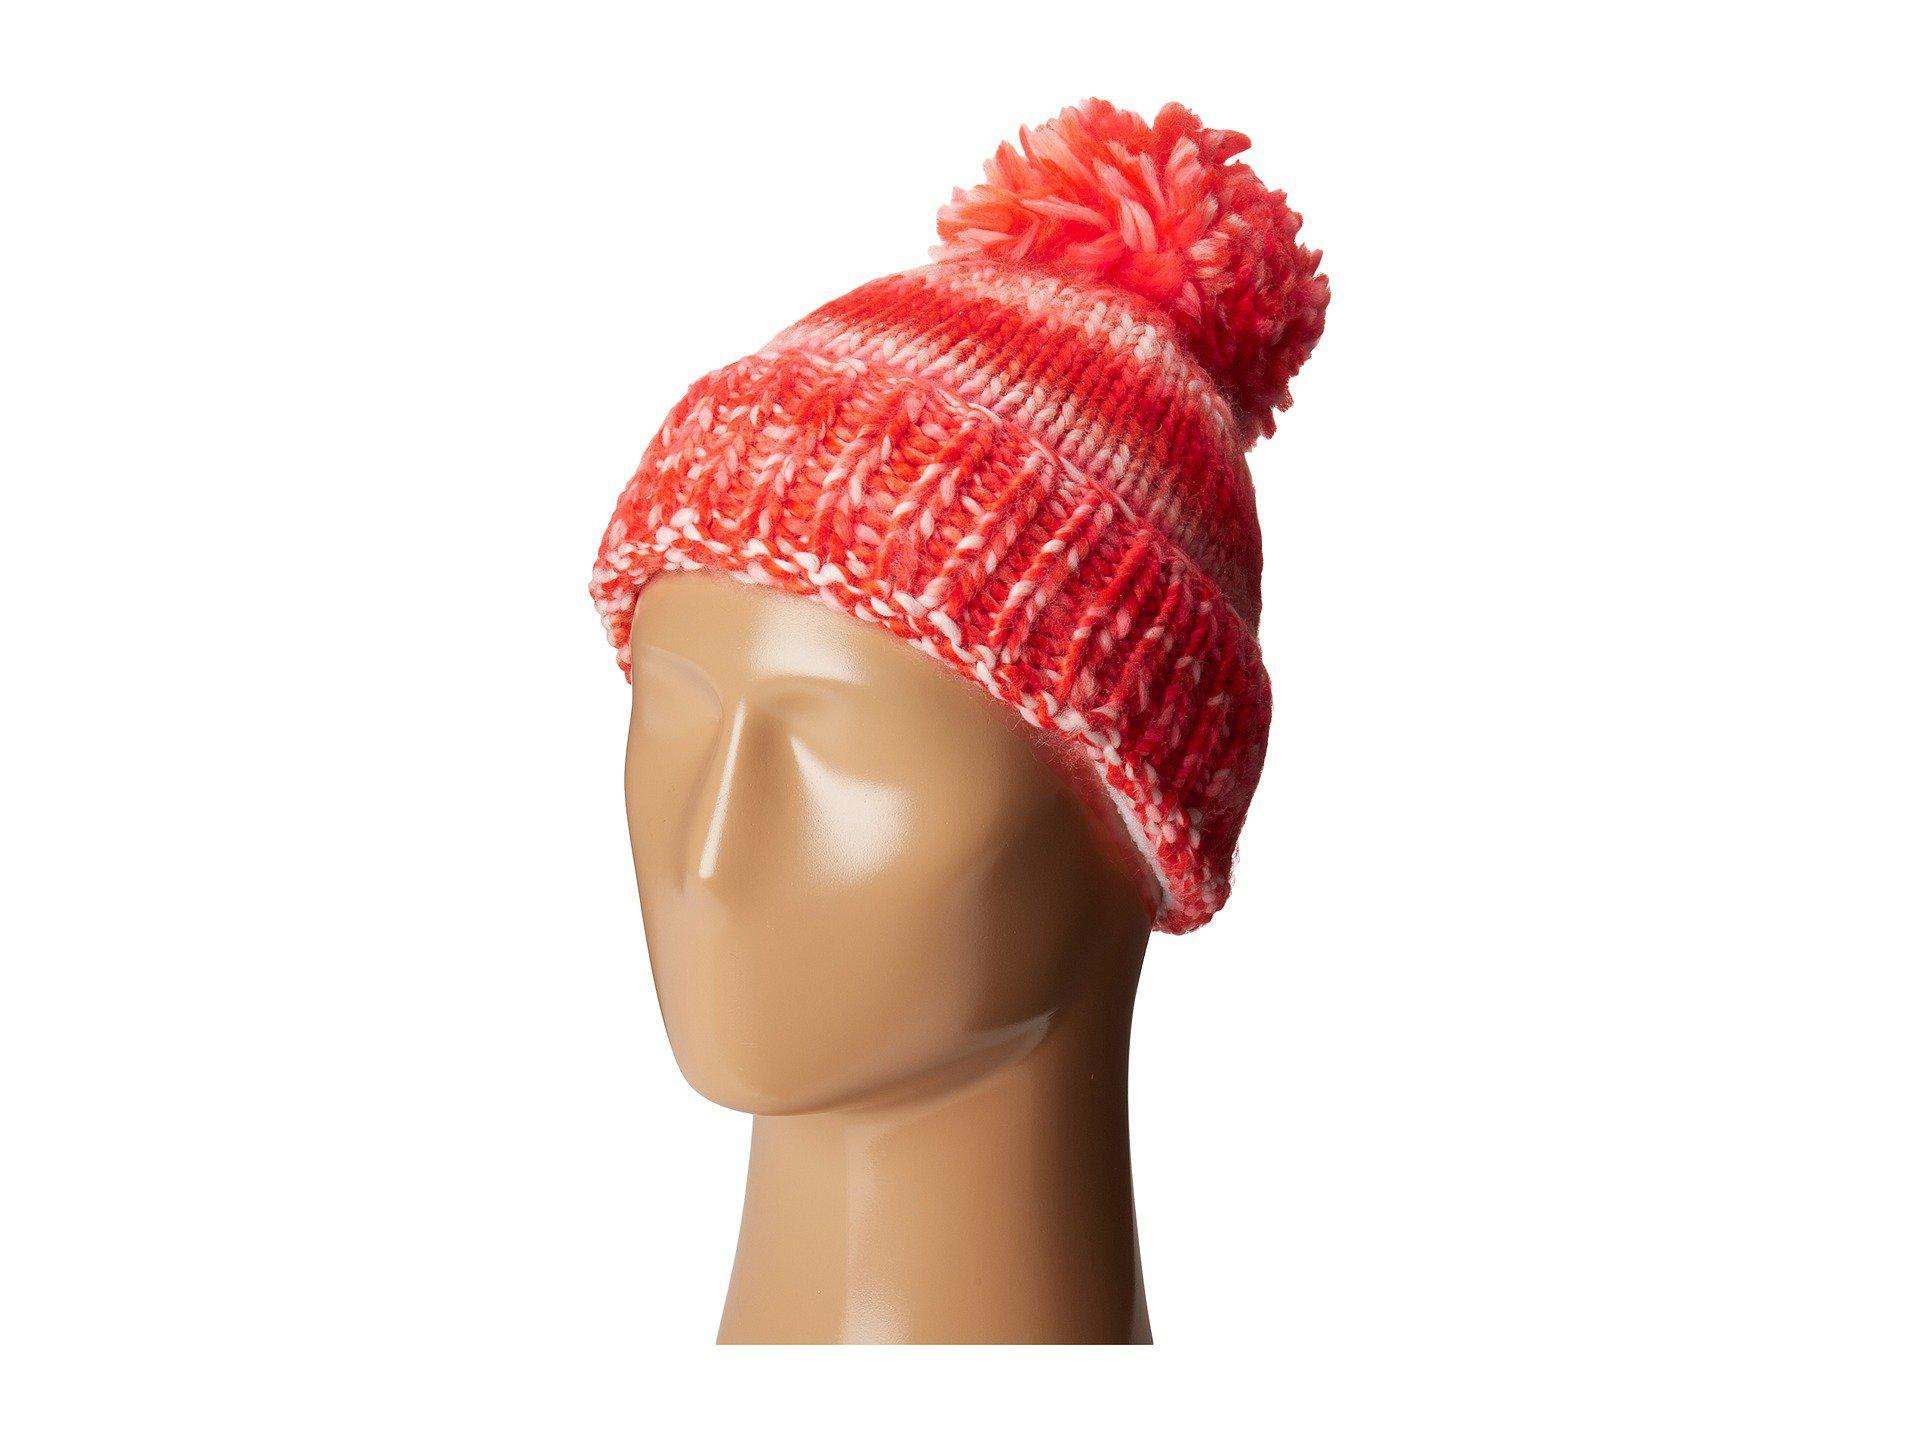 Lyst - Spyder Twisty Hat in Red 5de89a6a8074